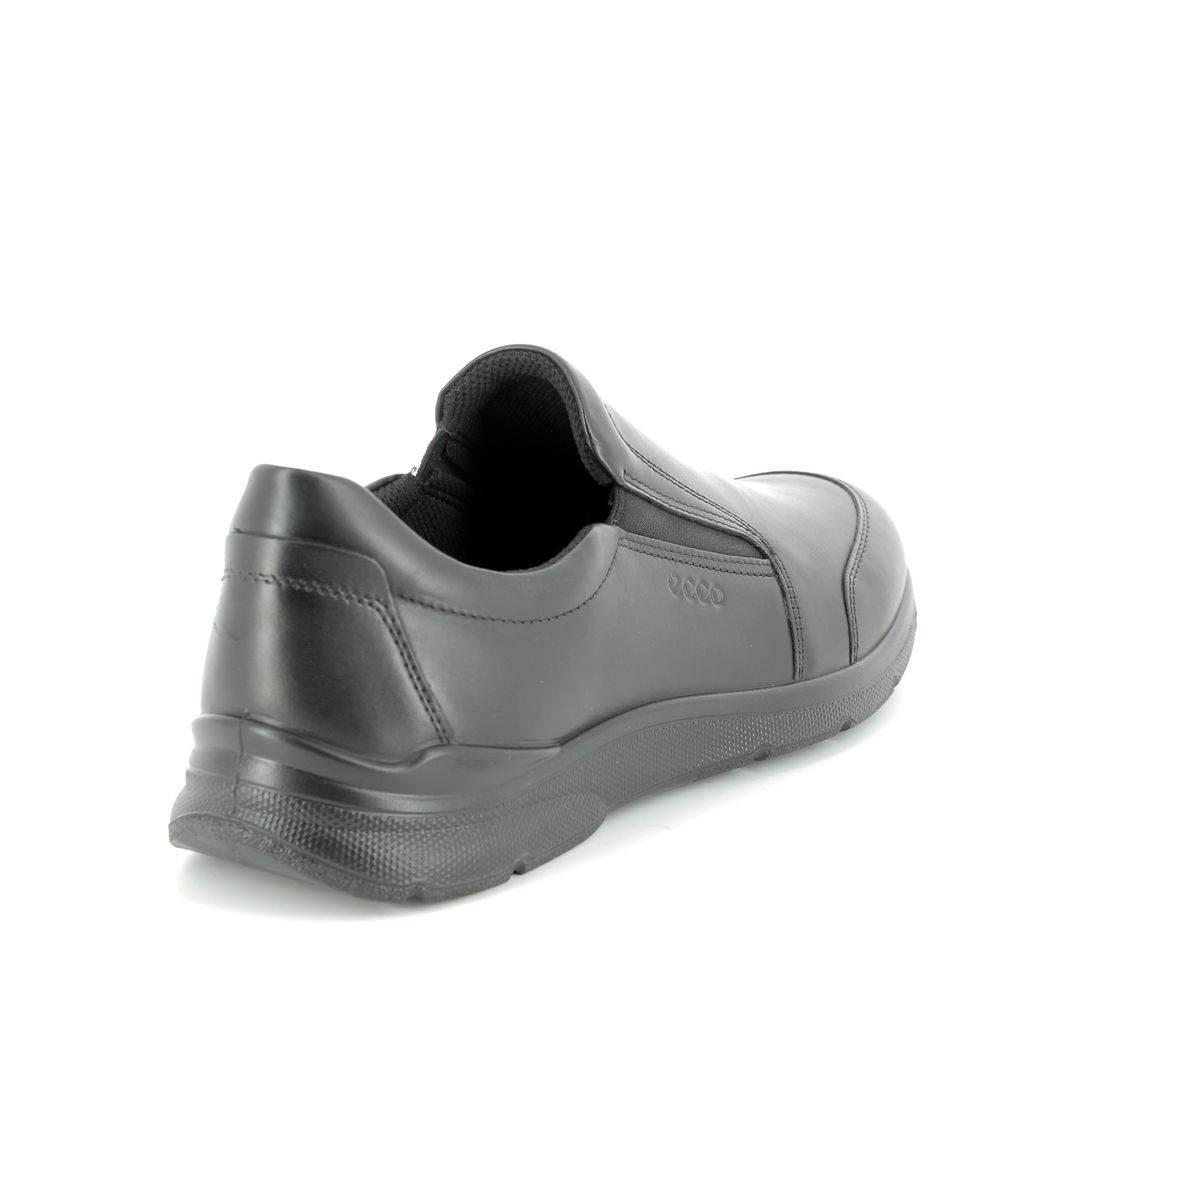 34db0ffb1b4 ECCO Casual Shoes - Black - 511684 01001 IRVING SLIP-ON